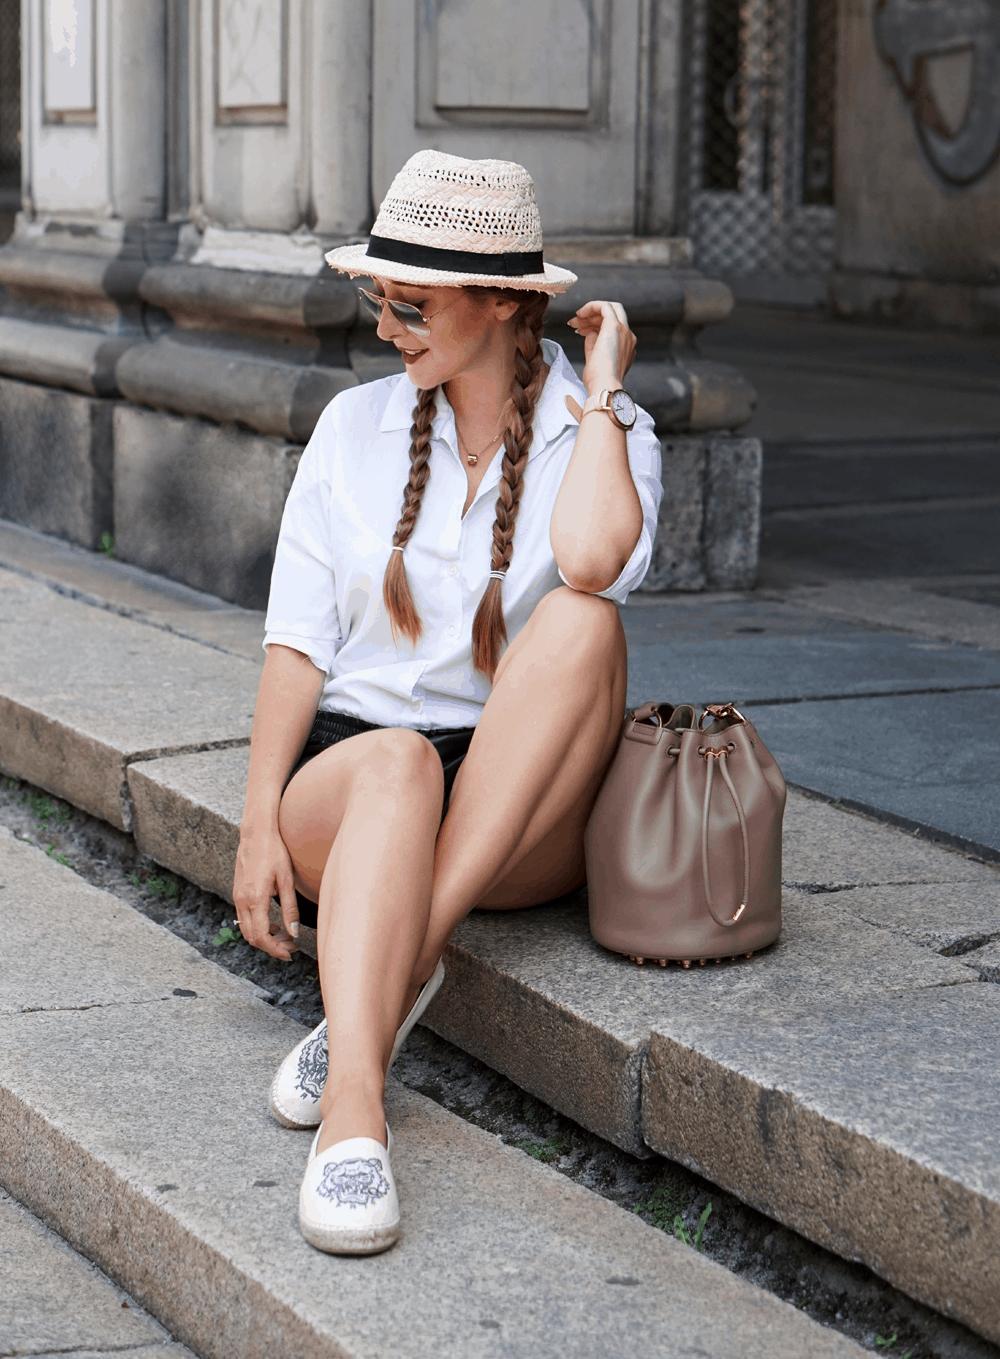 stylizacja z białą koszulą i słomkowym kapeluszem espadryle kenzo i torba alexander wang